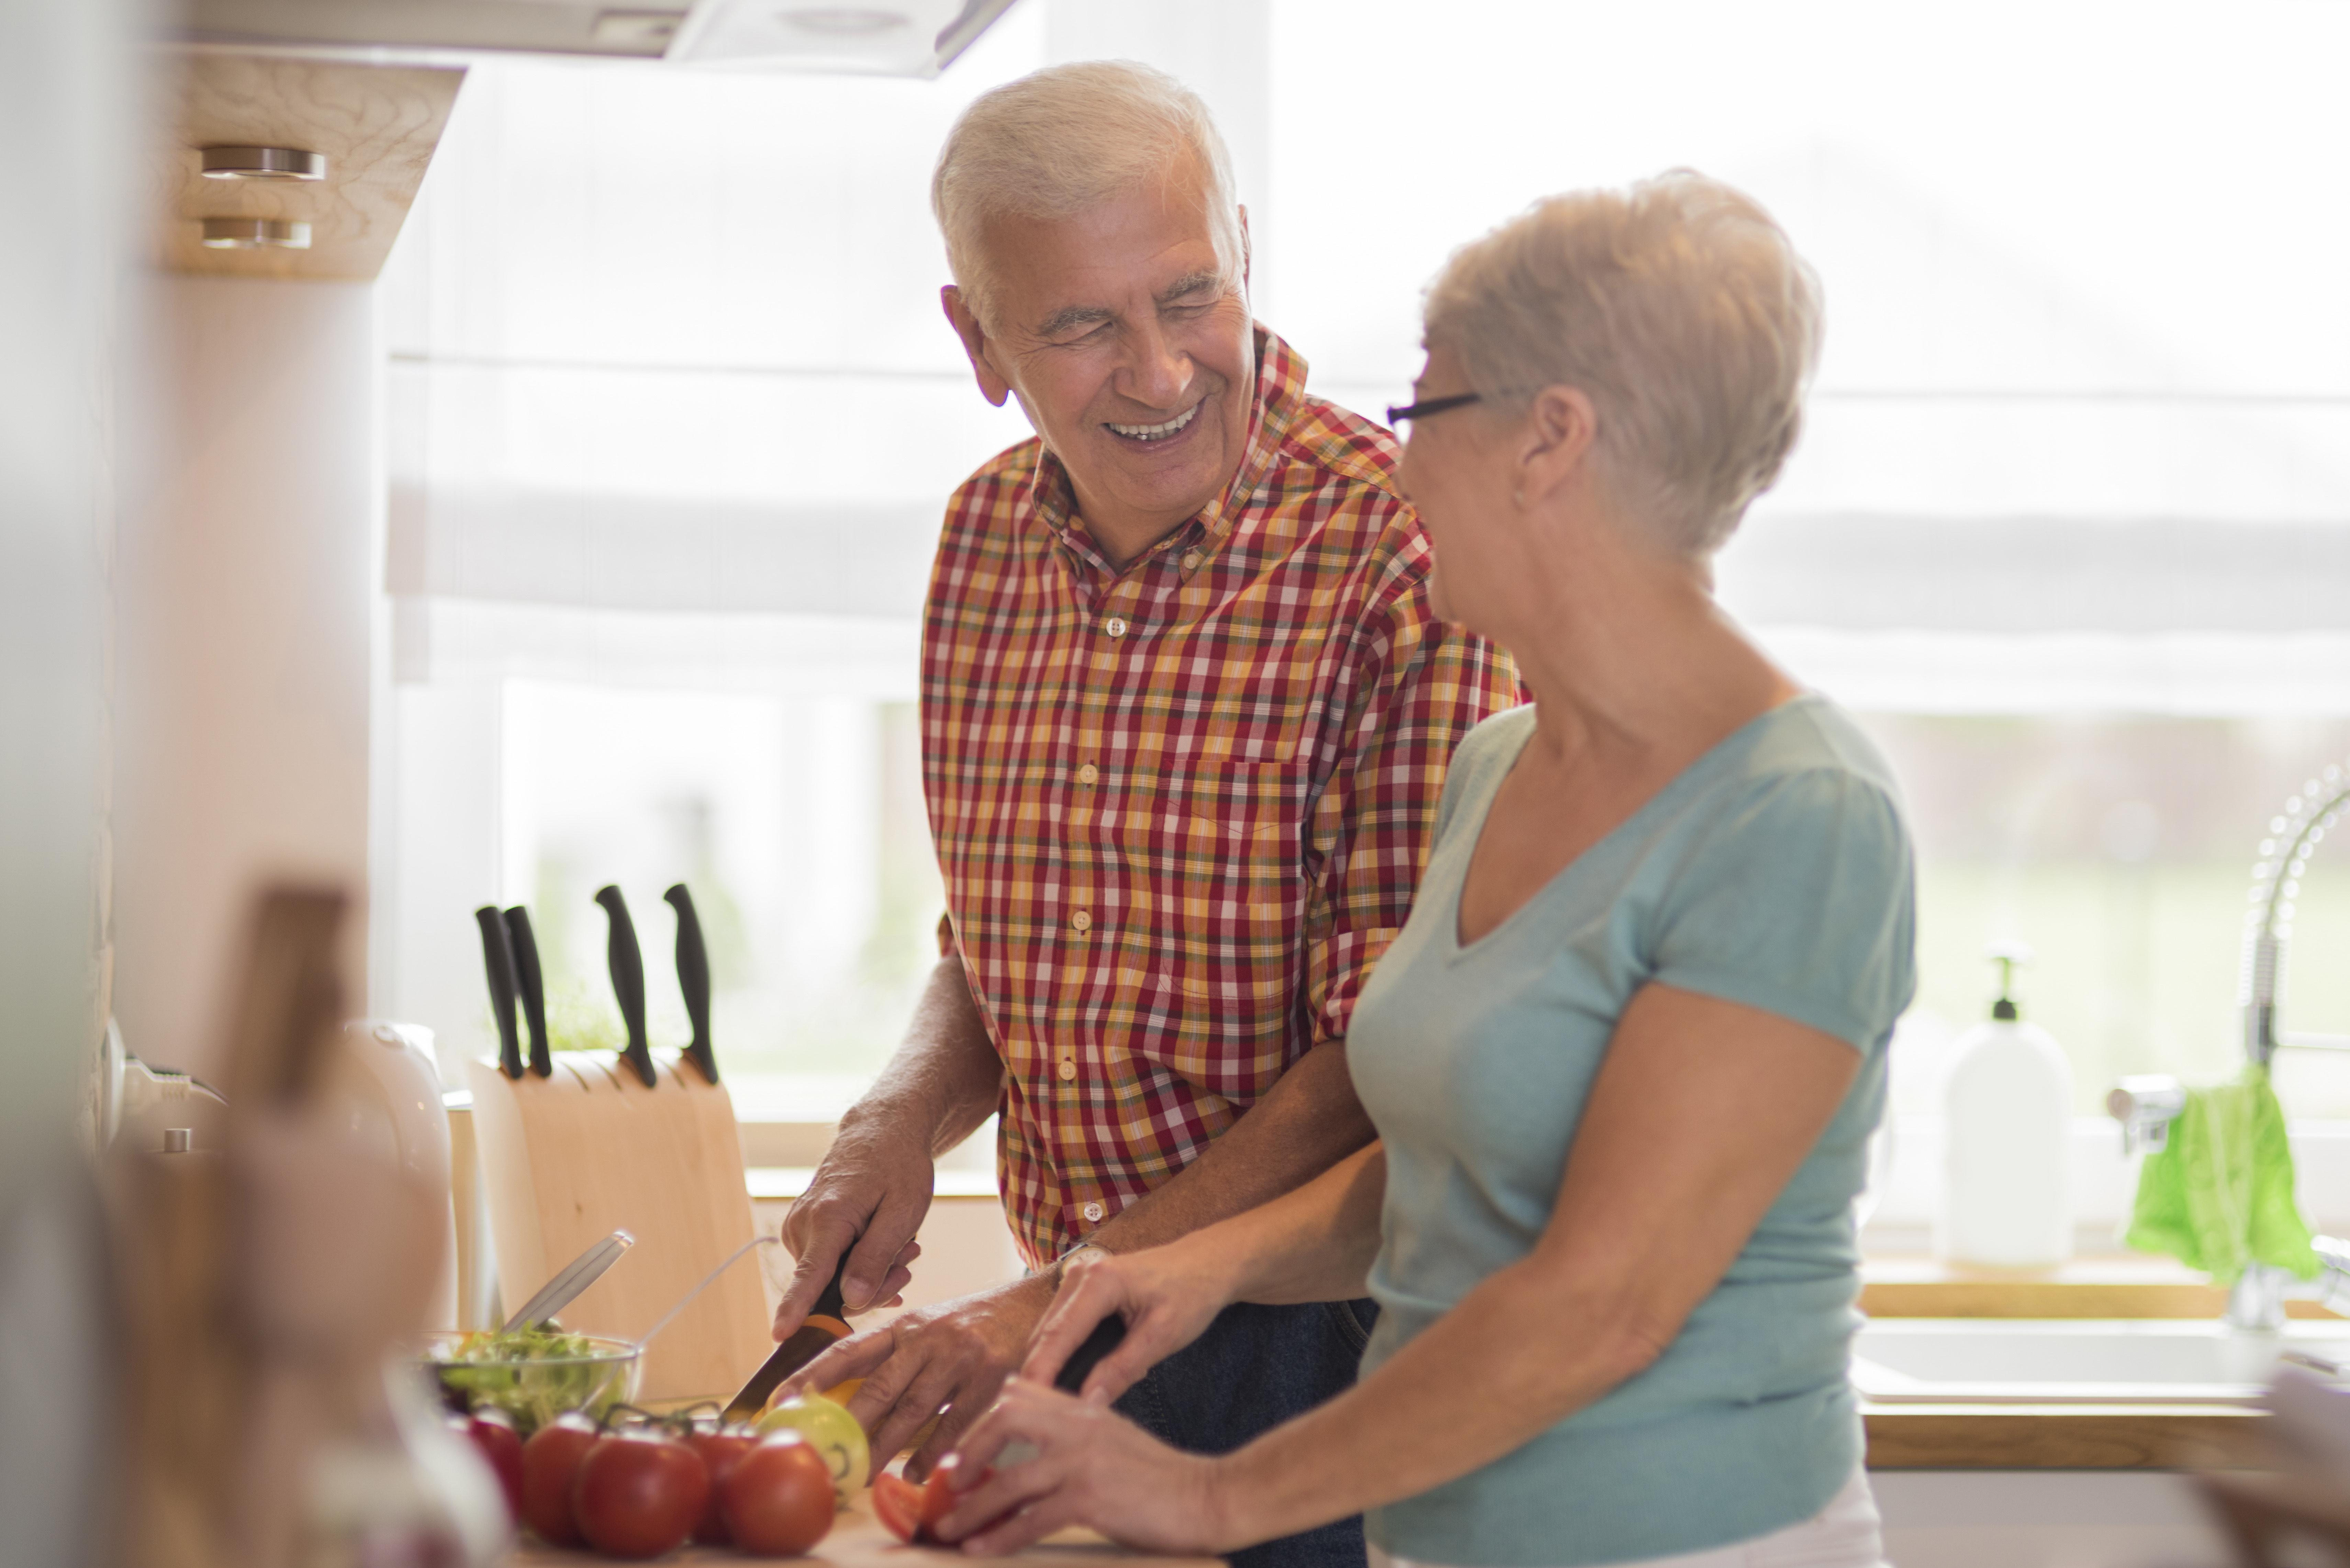 Elderly couple Case Study #3Rochester, MN PharmD Financial Planning, LLC